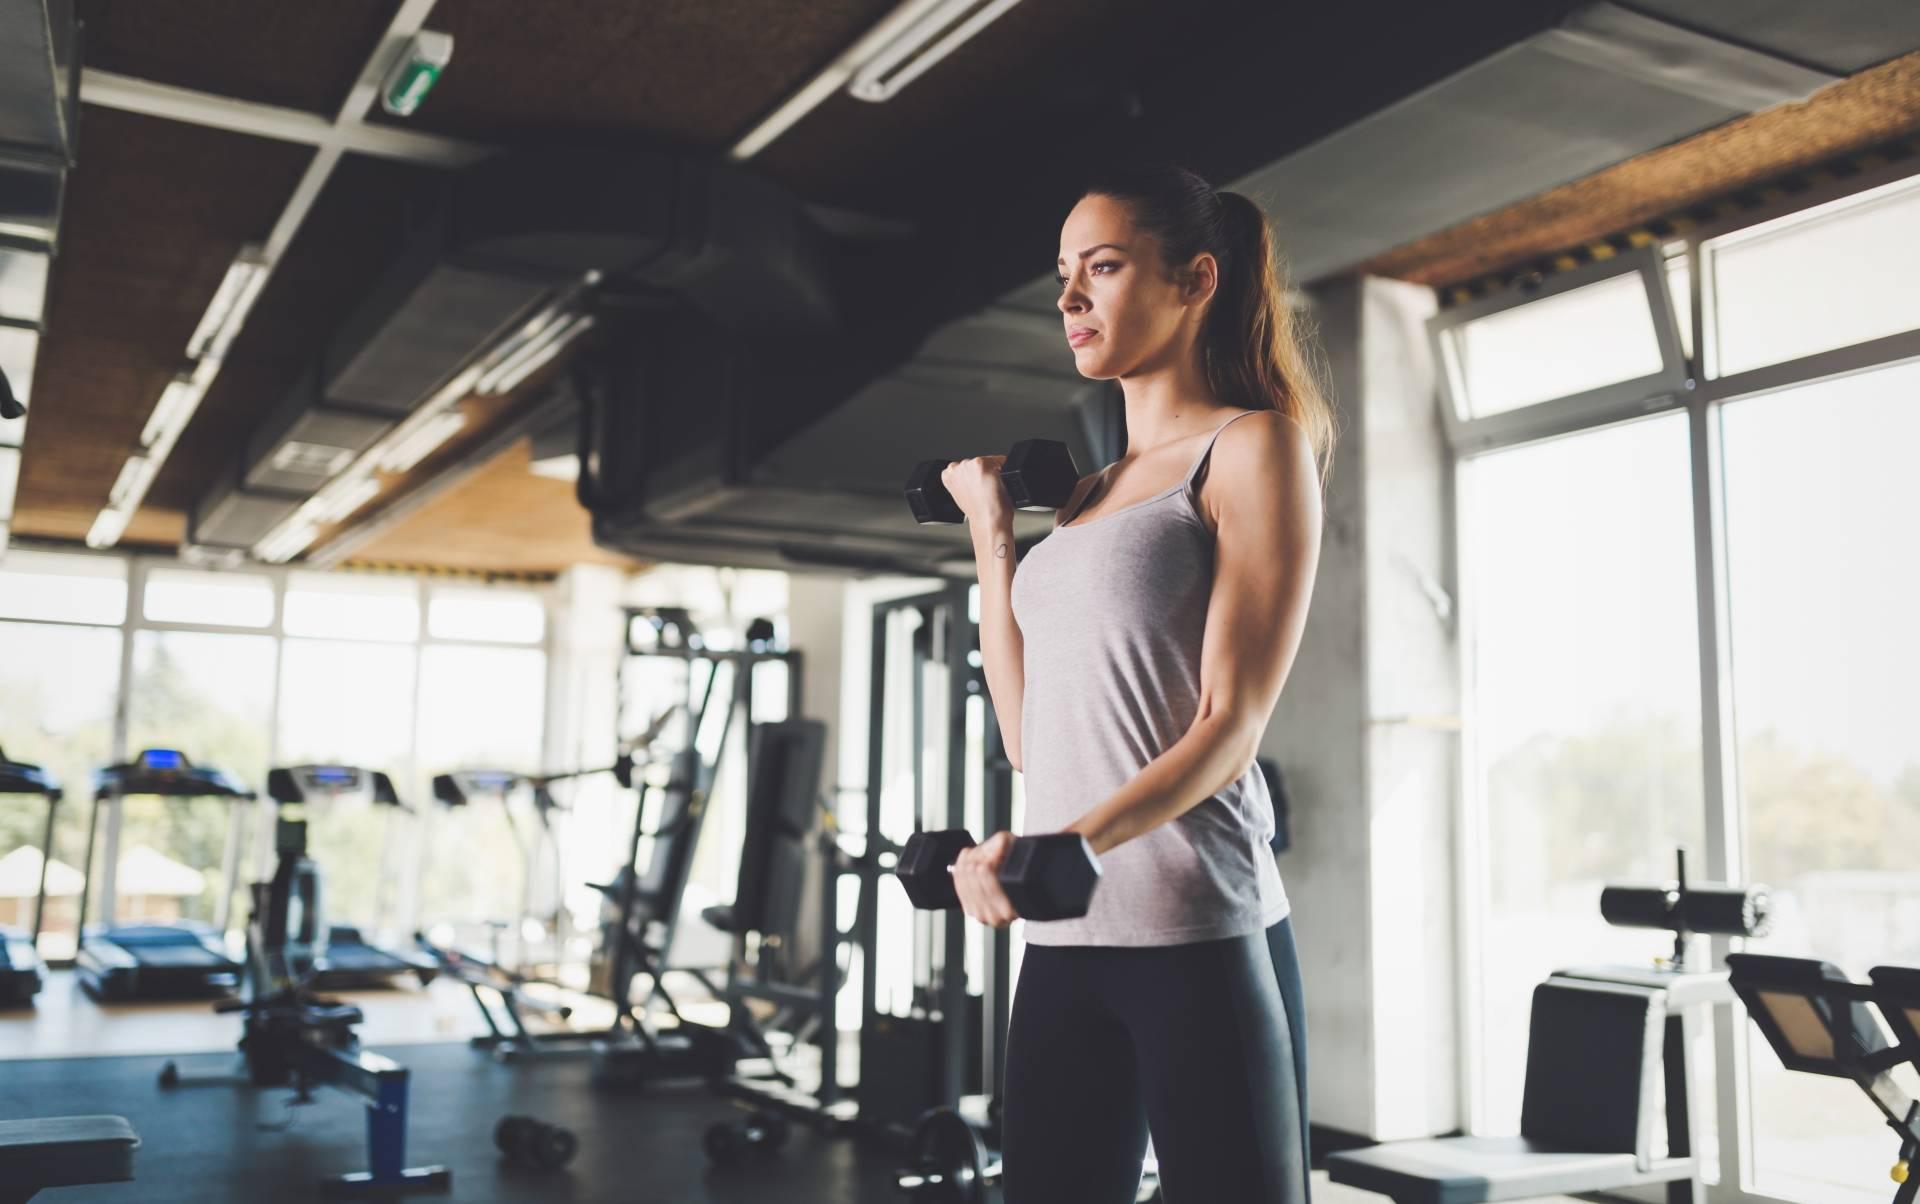 Ćwiczenia na proste plecy - jak wygląda prawidłowa postawa? Kobieta ćwiczy na siłowni z hantlami.